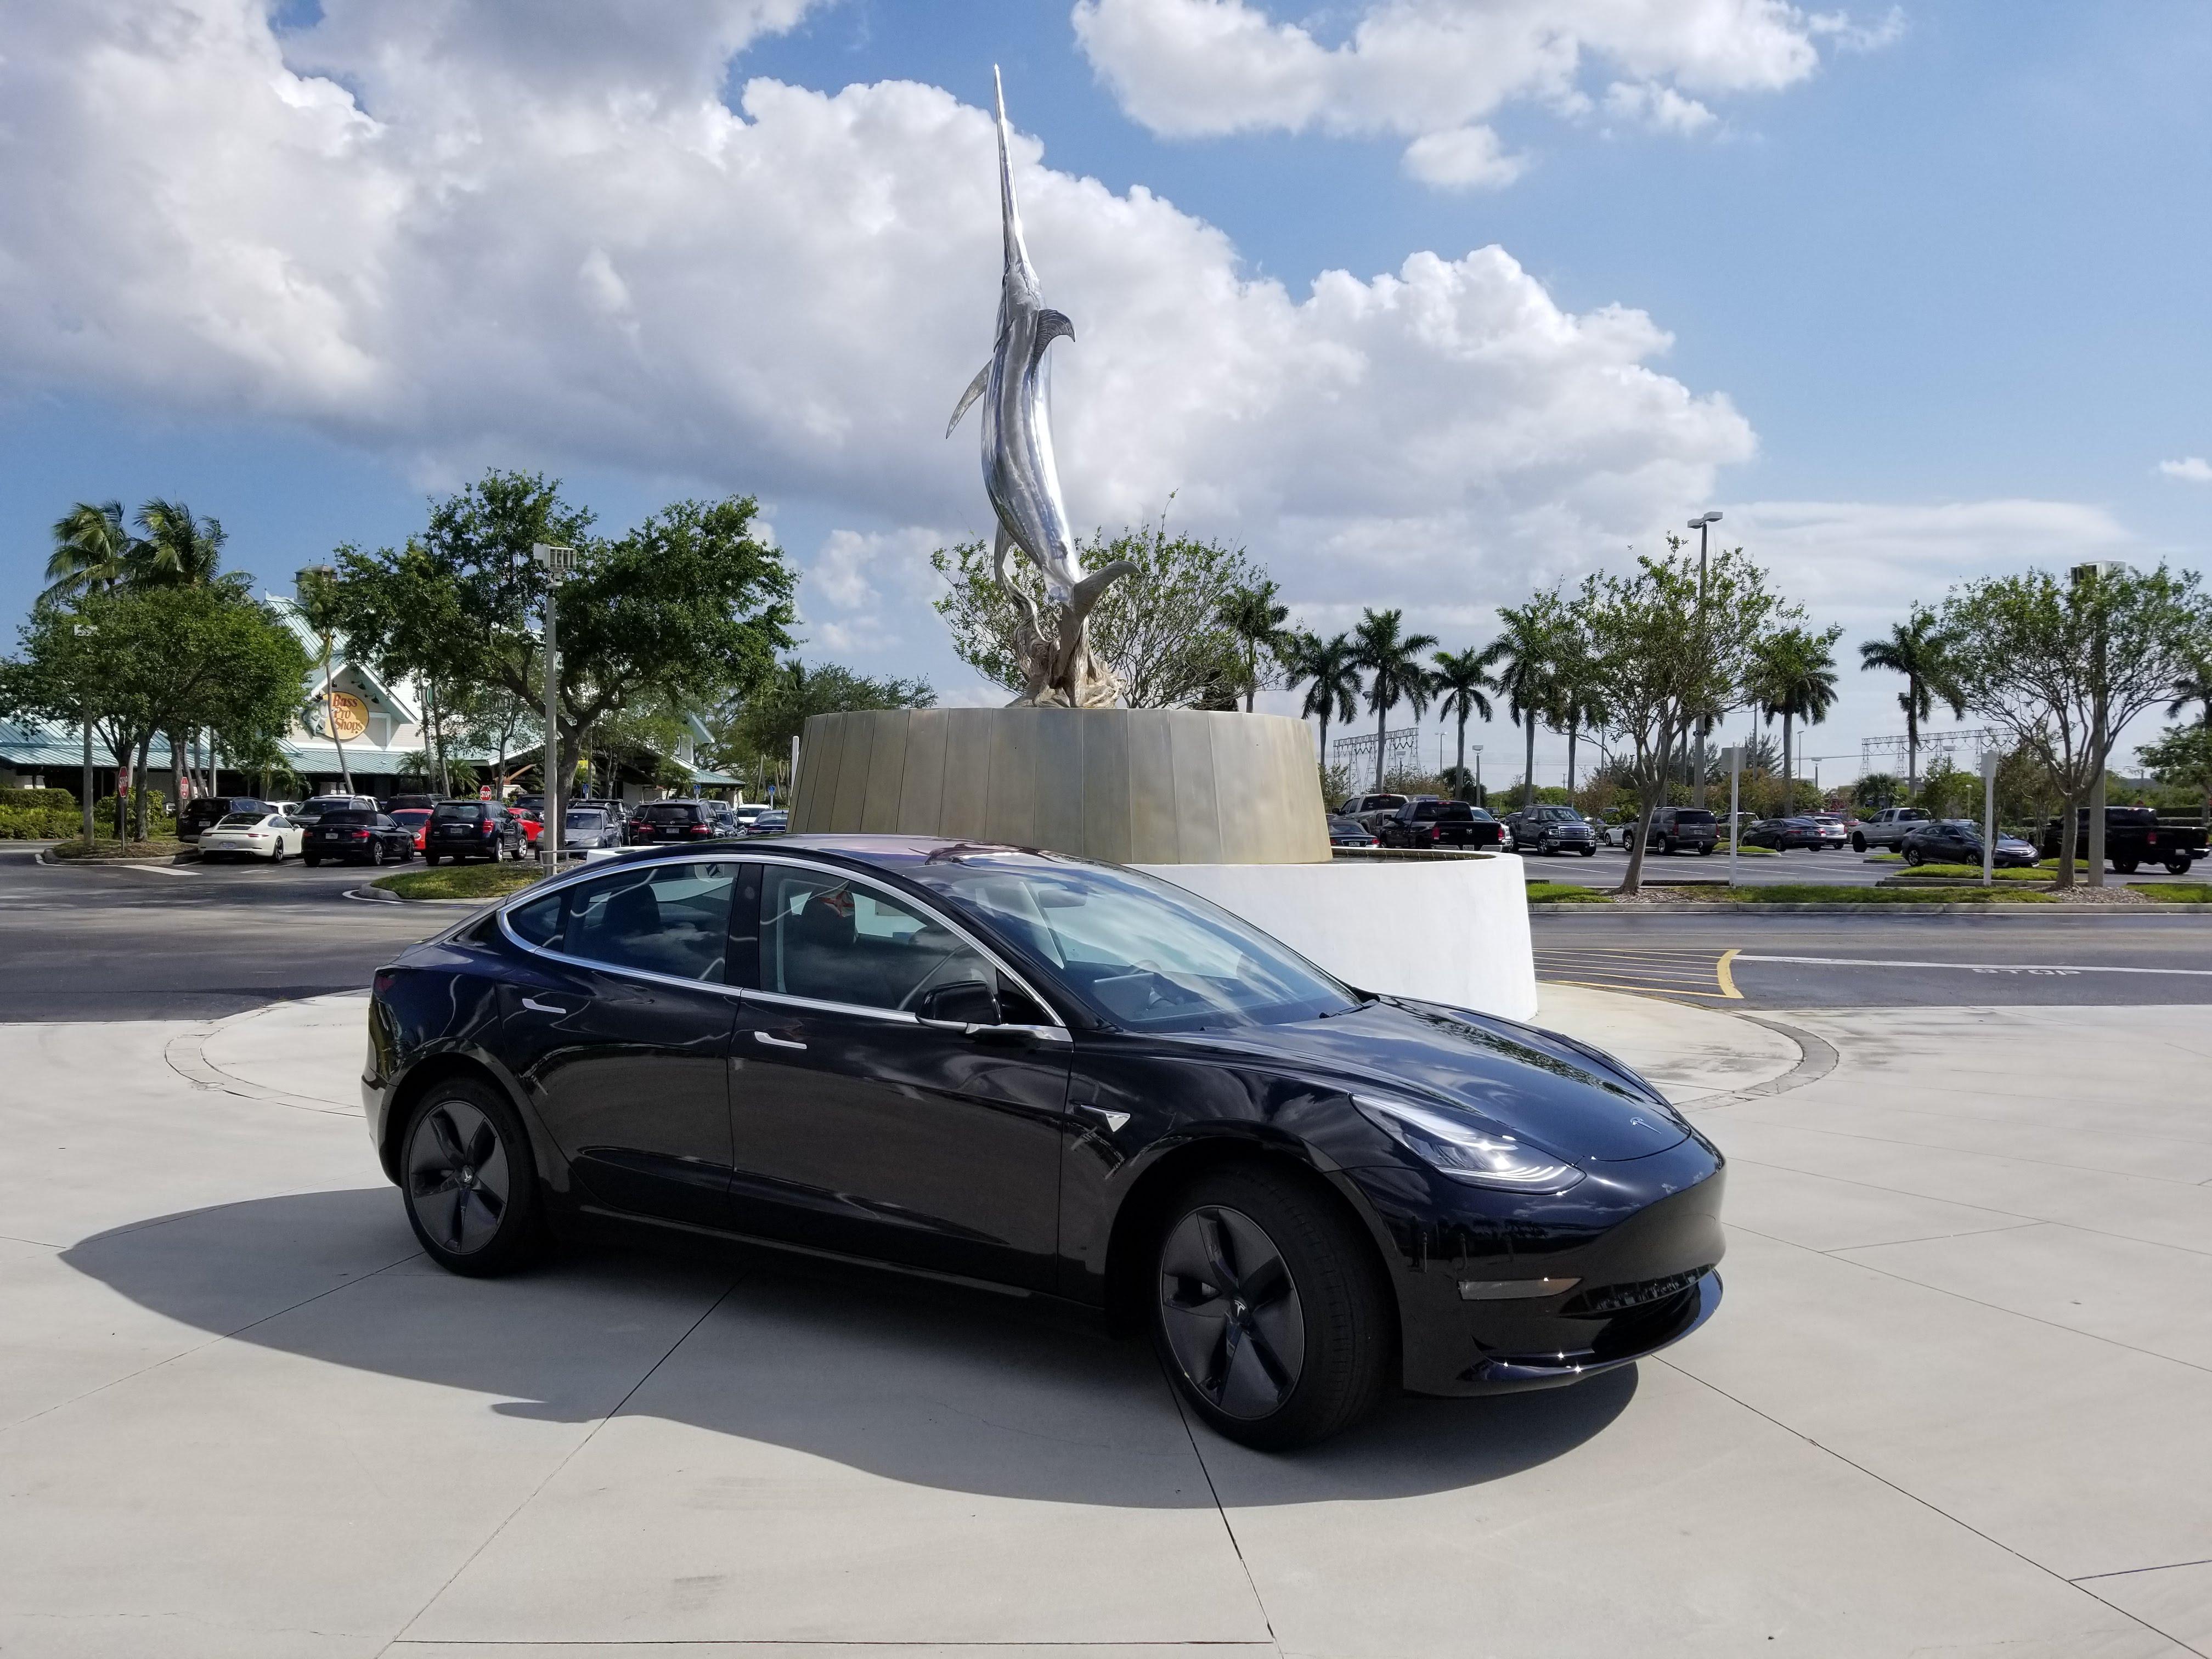 File:2018 Tesla Model 3.jpg - Wikimedia Commons